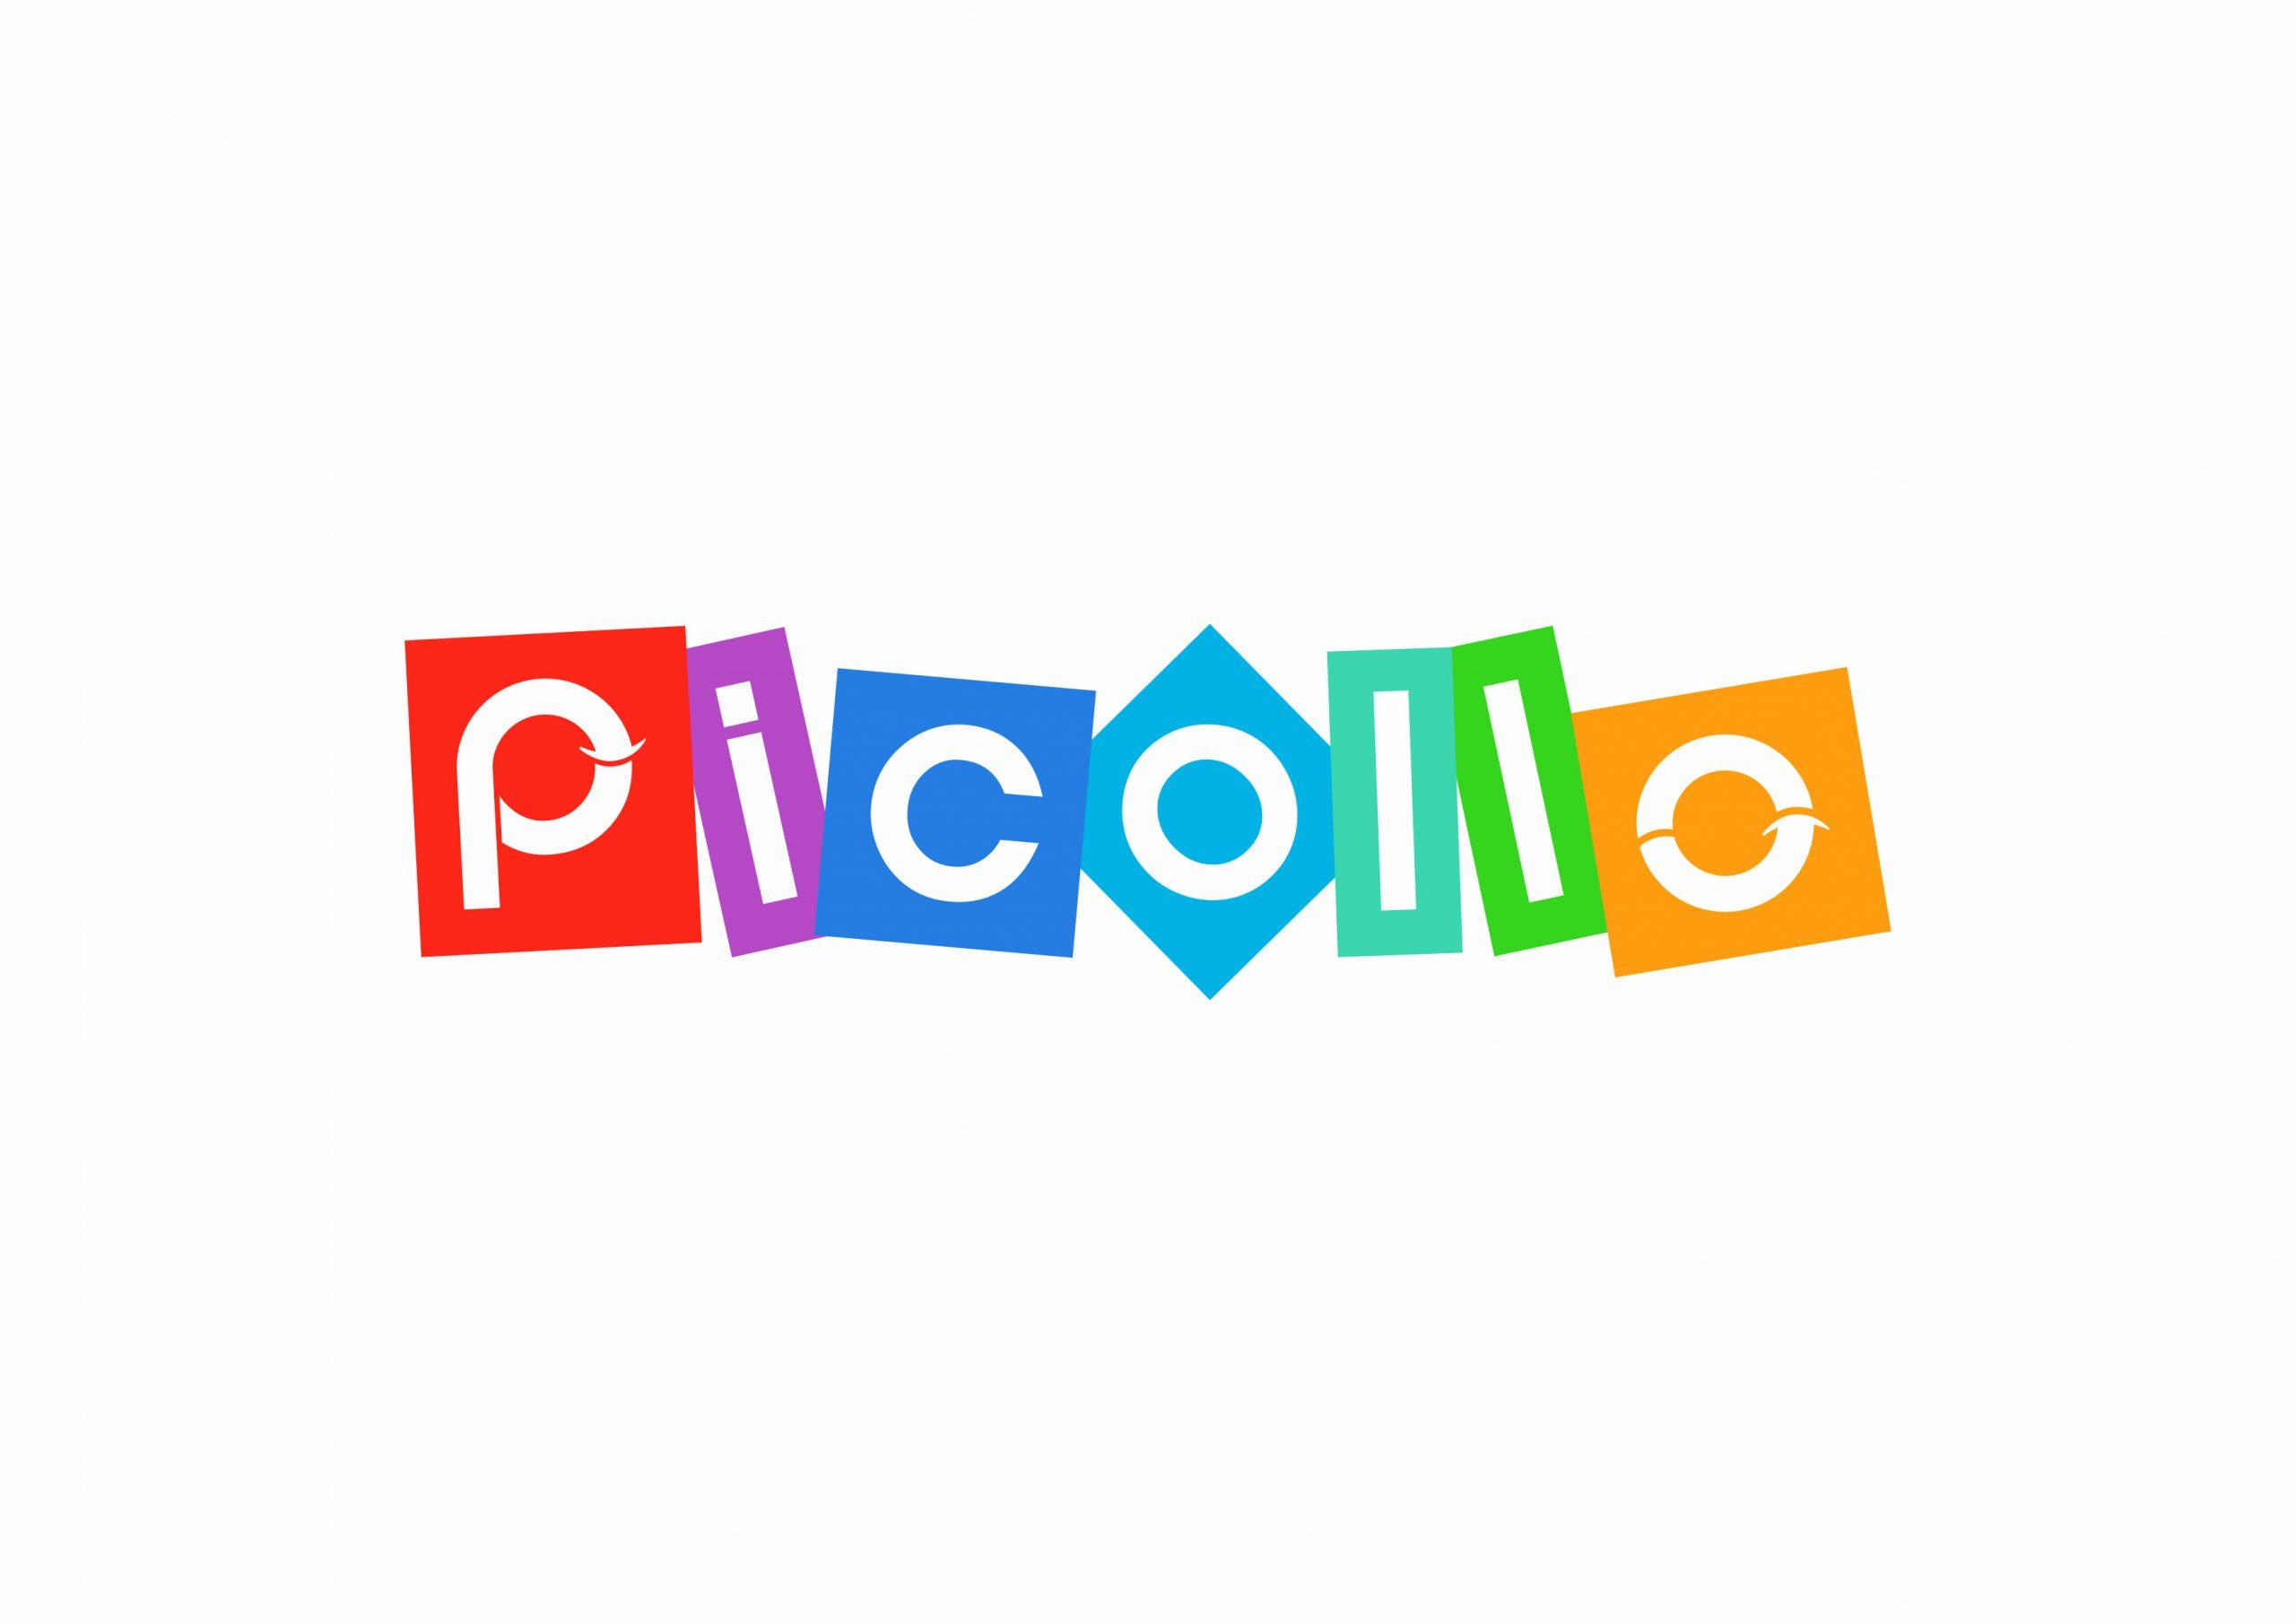 Picollo